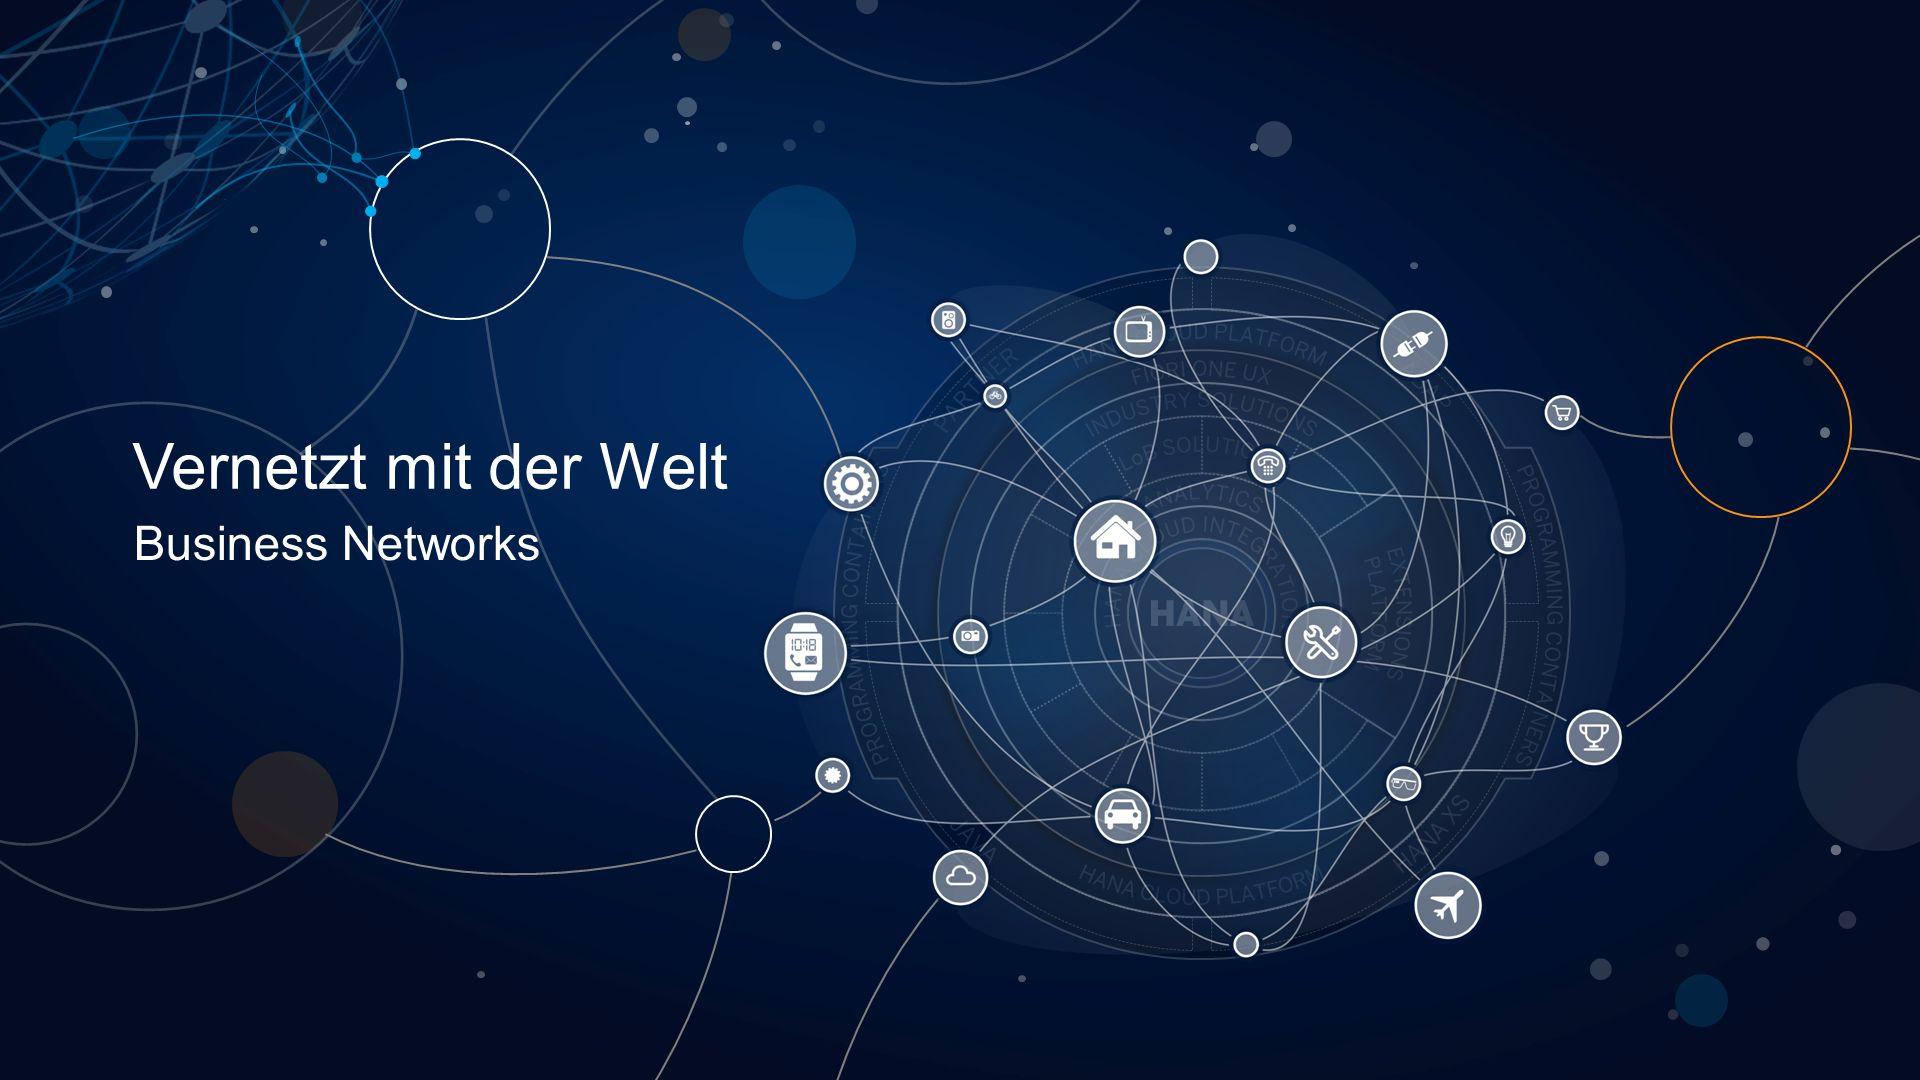 Vernetzt mit der Welt Business Networks